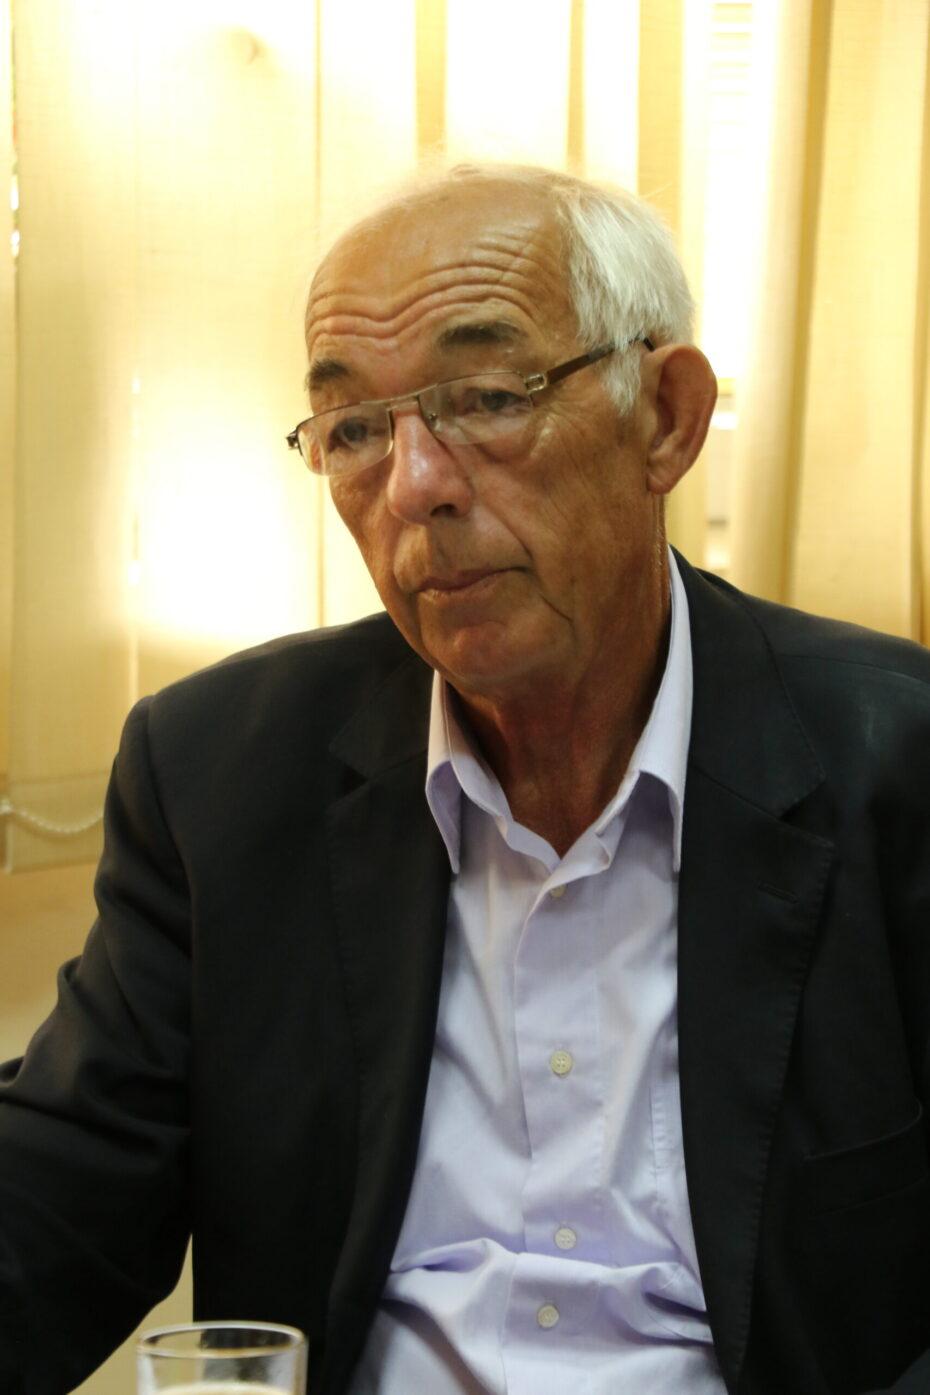 Градимир Милосављевић - Општински већник